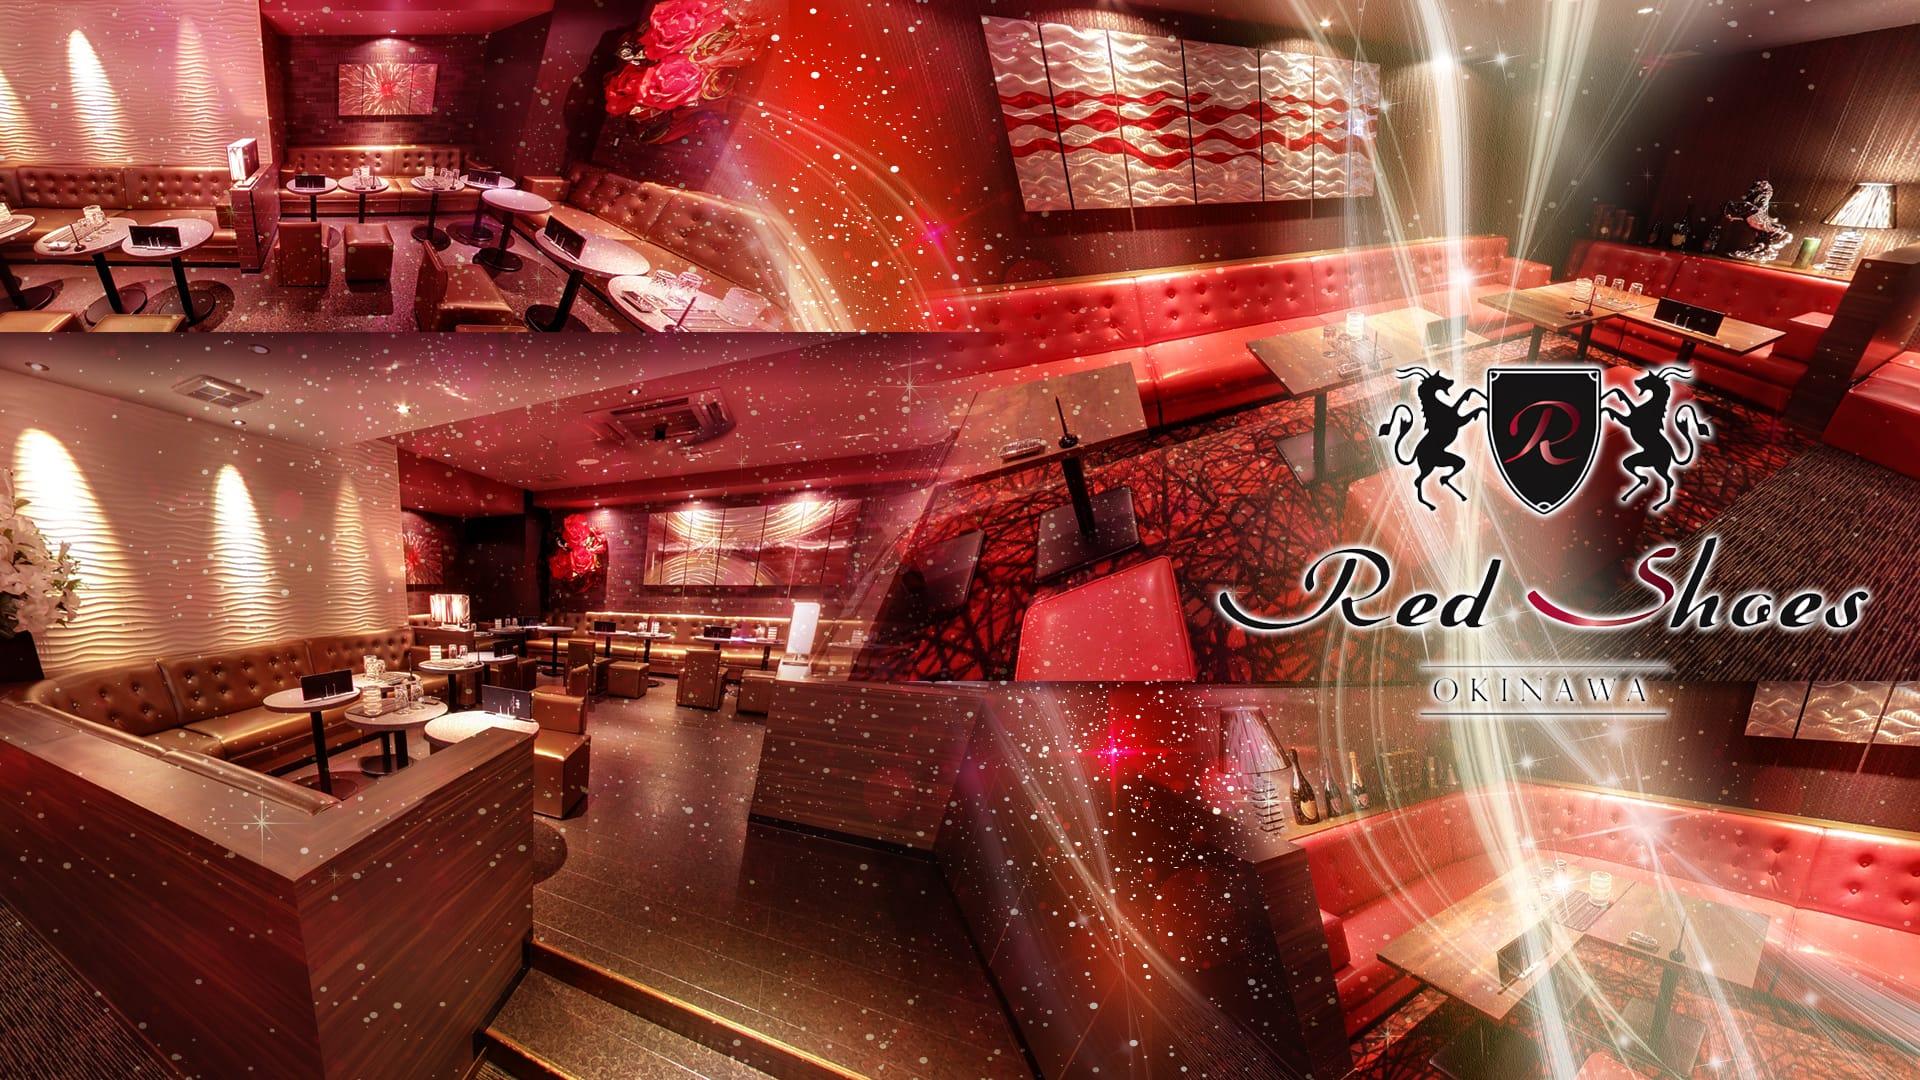 沖縄Red Shoes(レッドシューズ)【公式求人・体入情報】 松山(沖縄)キャバクラ TOP画像